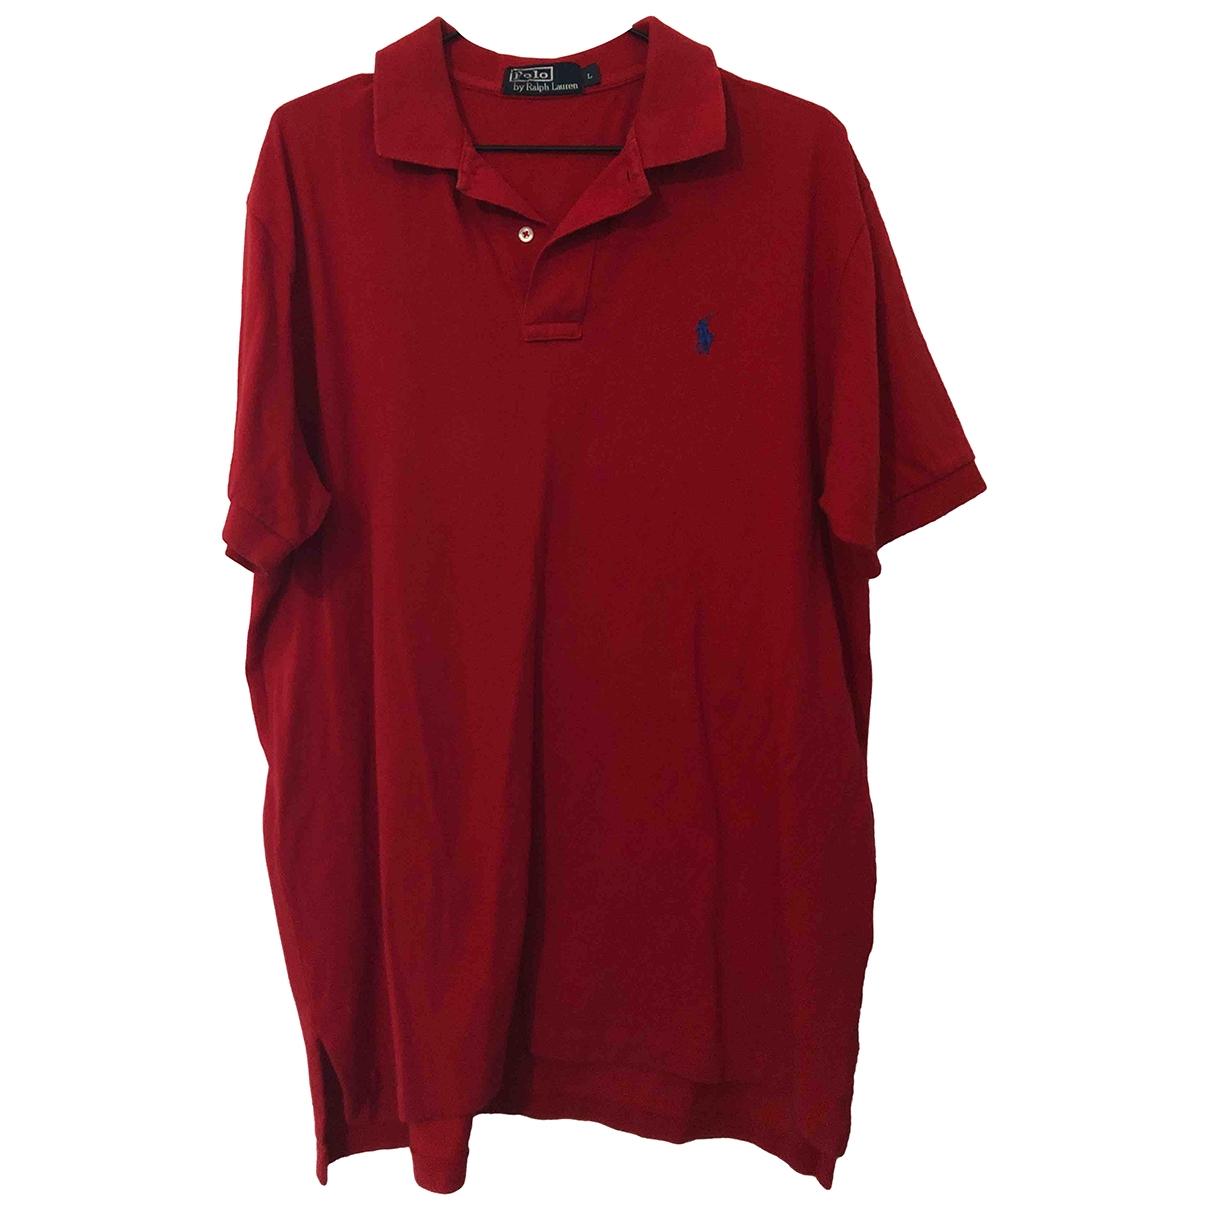 Polo Ralph Lauren Polo ajusté manches courtes Red Cotton Polo shirts for Men L International